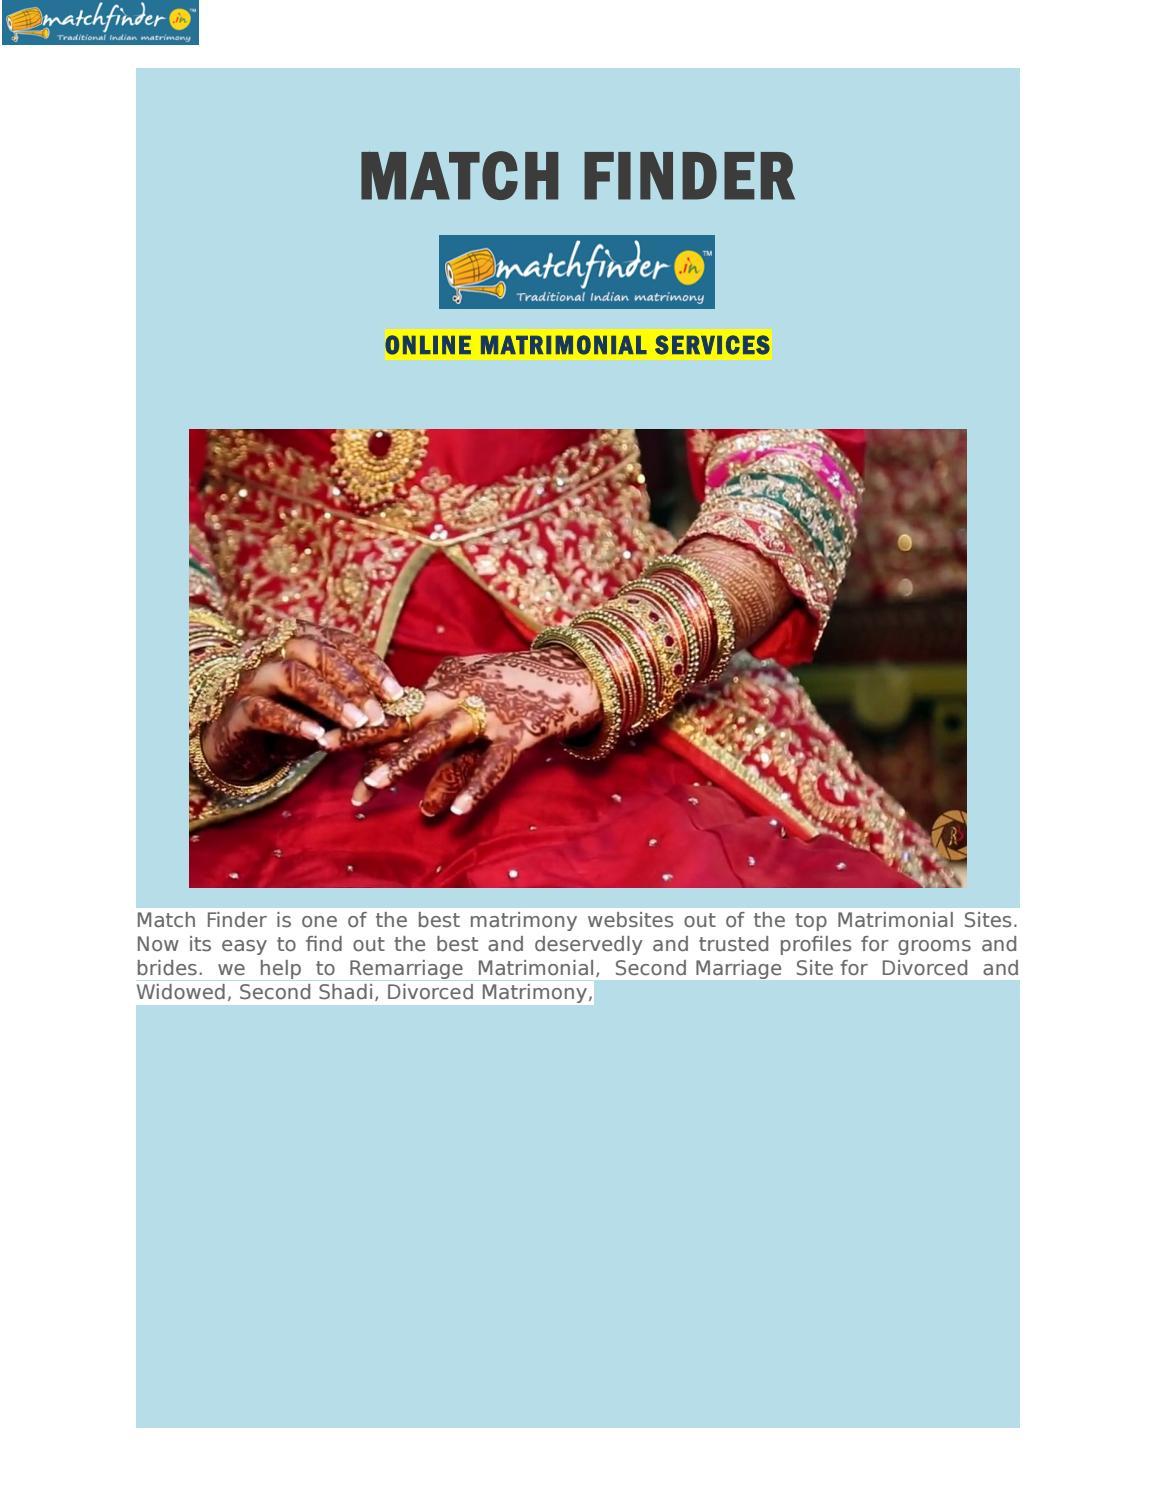 Online Marriage By Matchfinder Online Services Pvt Ltd Issuu